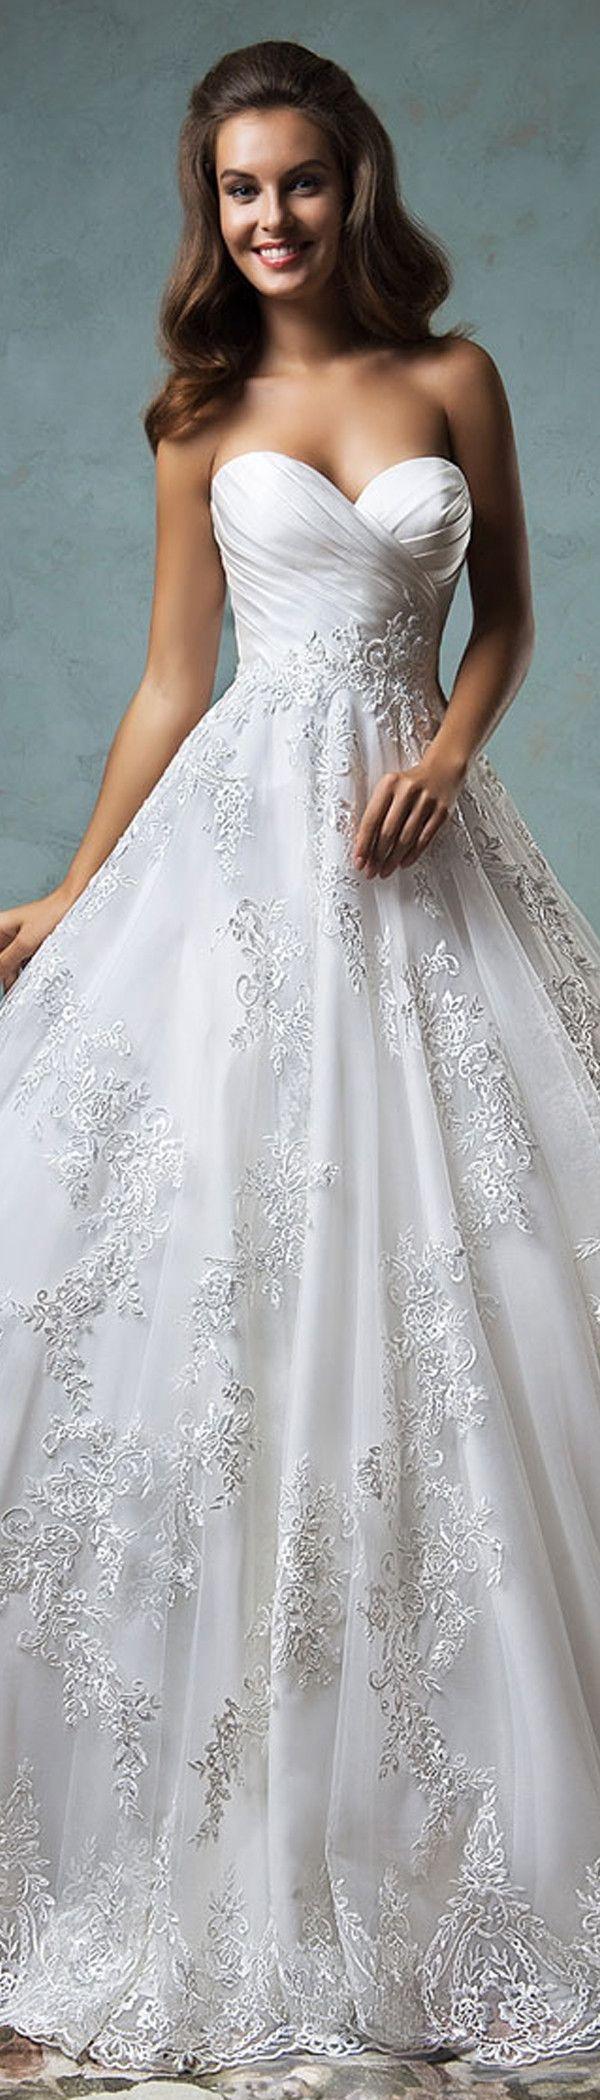 708 besten Satin Wedding Dresses Bilder auf Pinterest ...